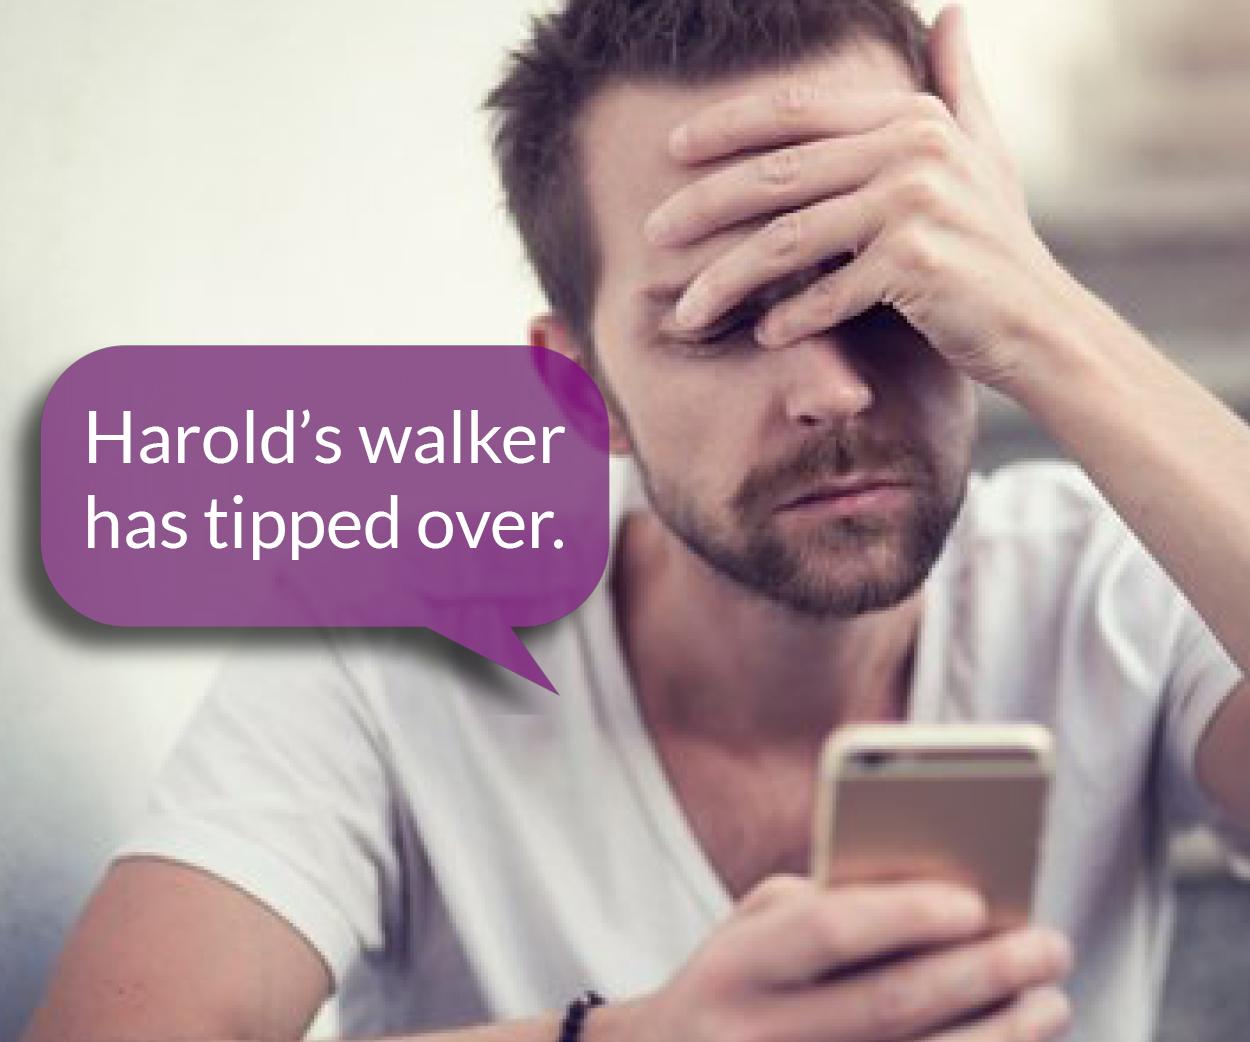 Harold's walker has tipped over.jpg